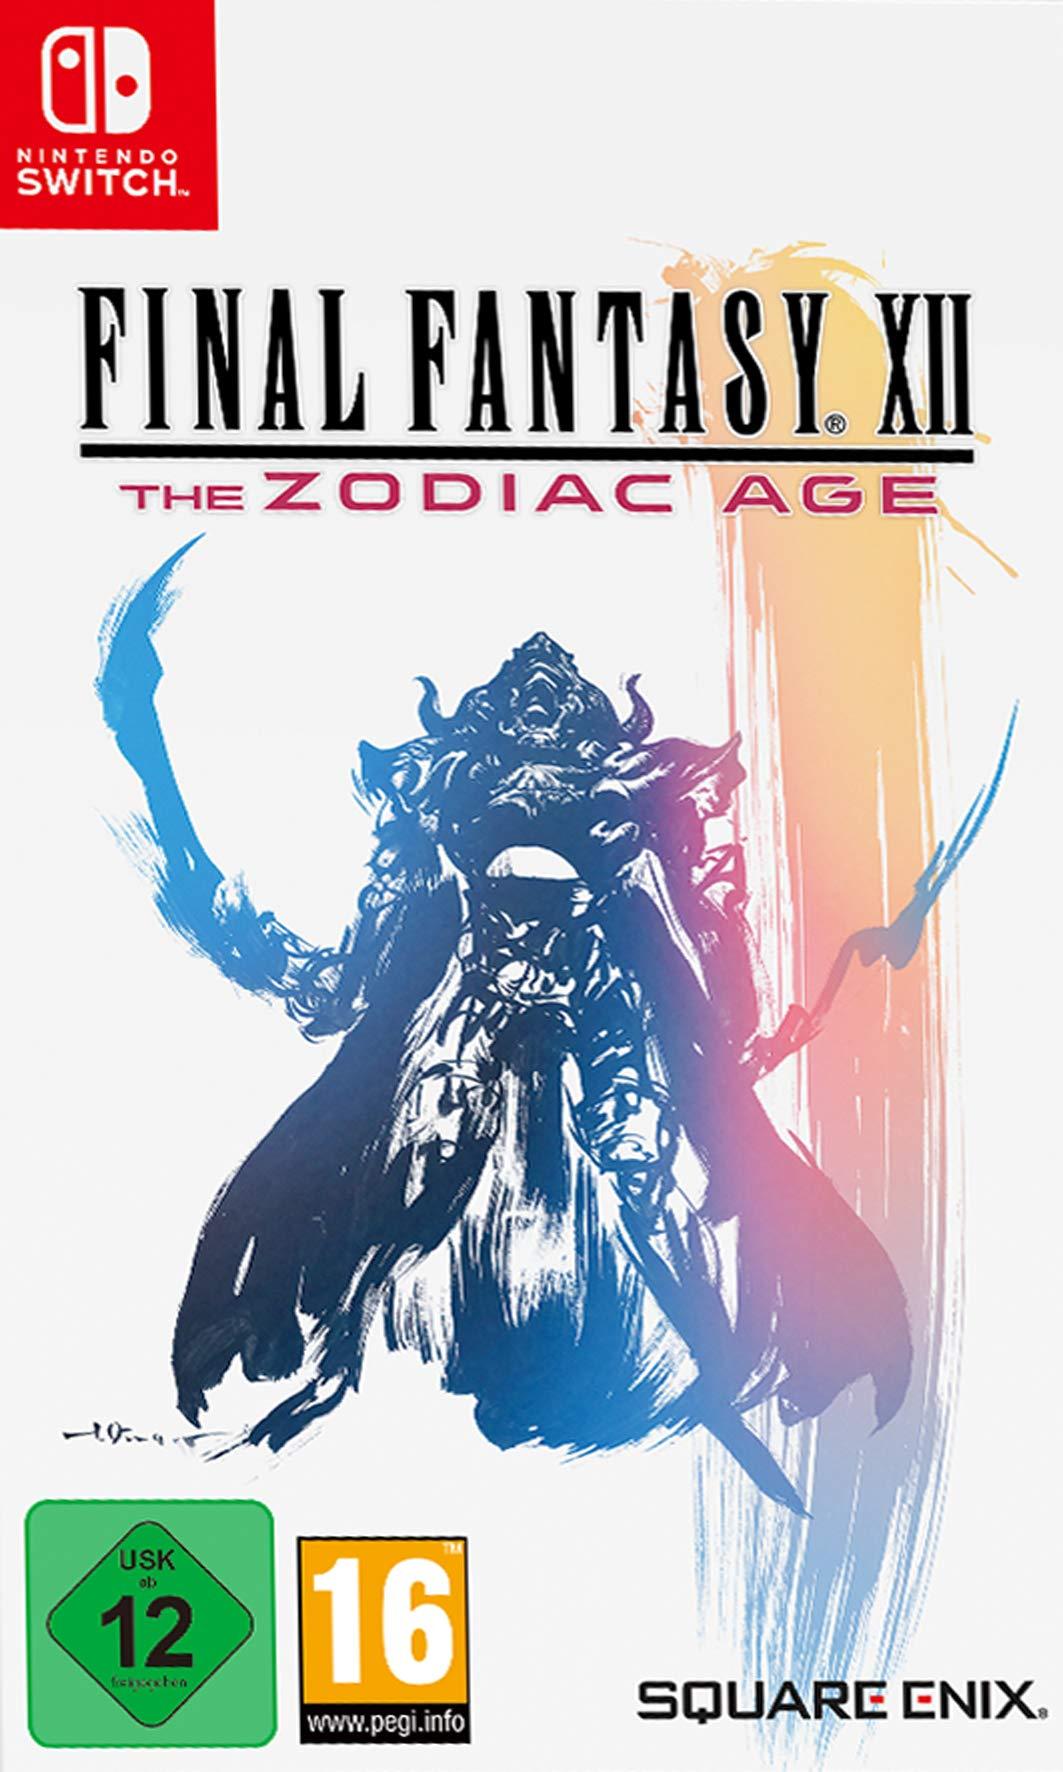 Final Fantasy XII The Zodiac Age (Nintendo Switch): Amazon.es: Libros